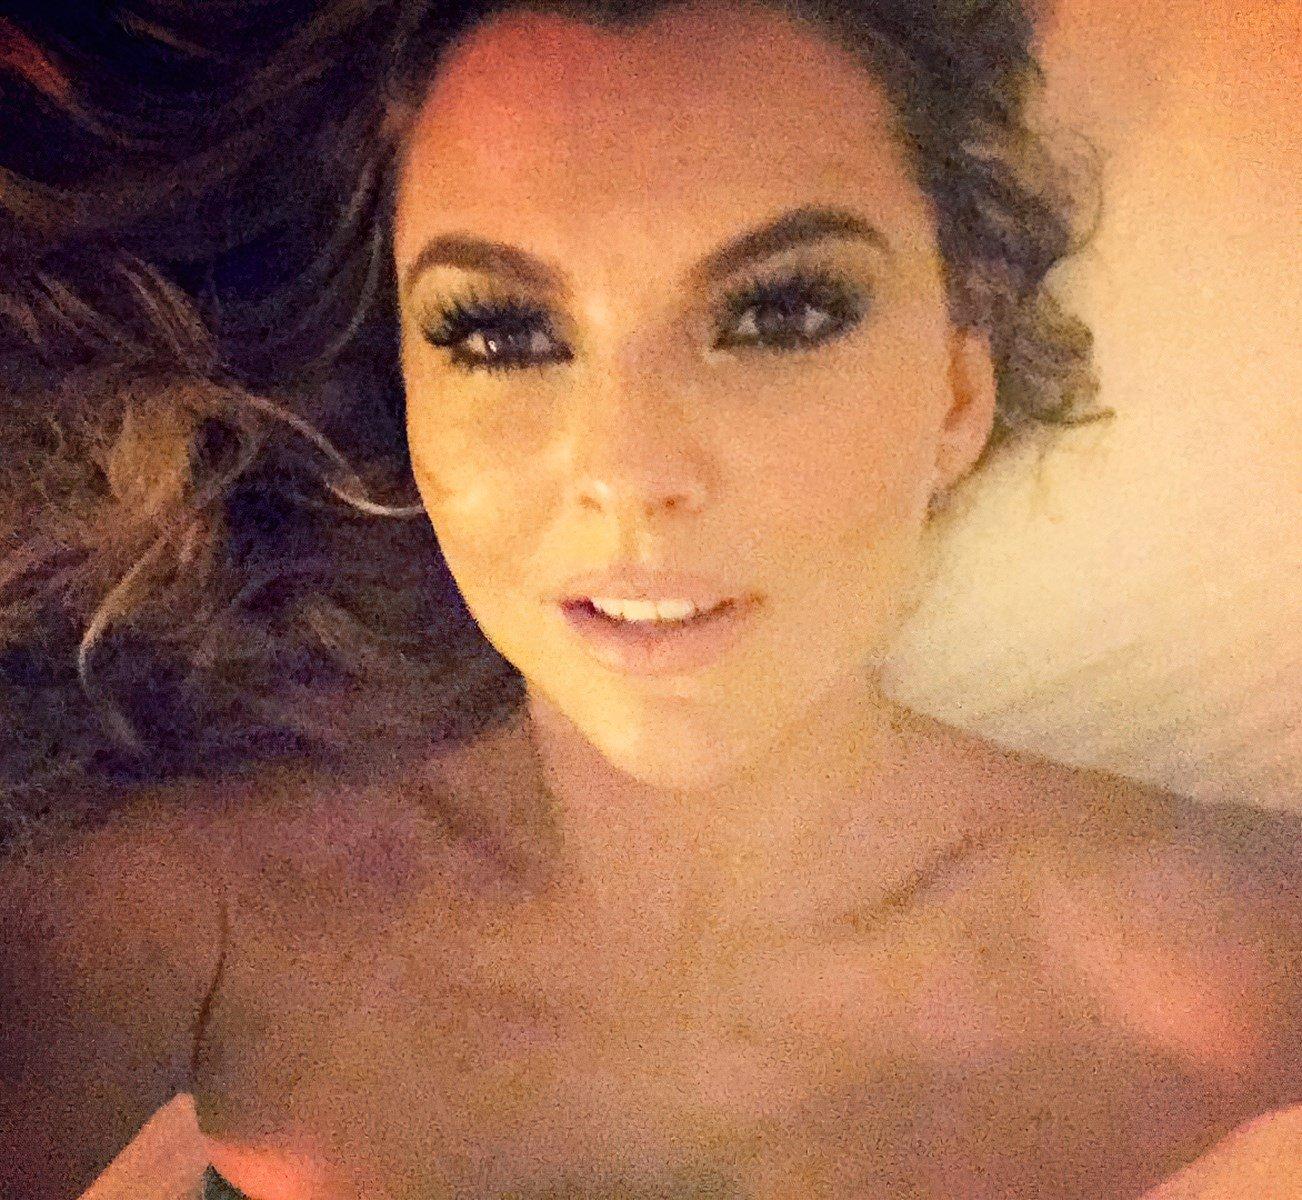 Marjorie de Sousa Nude Outtake Photos